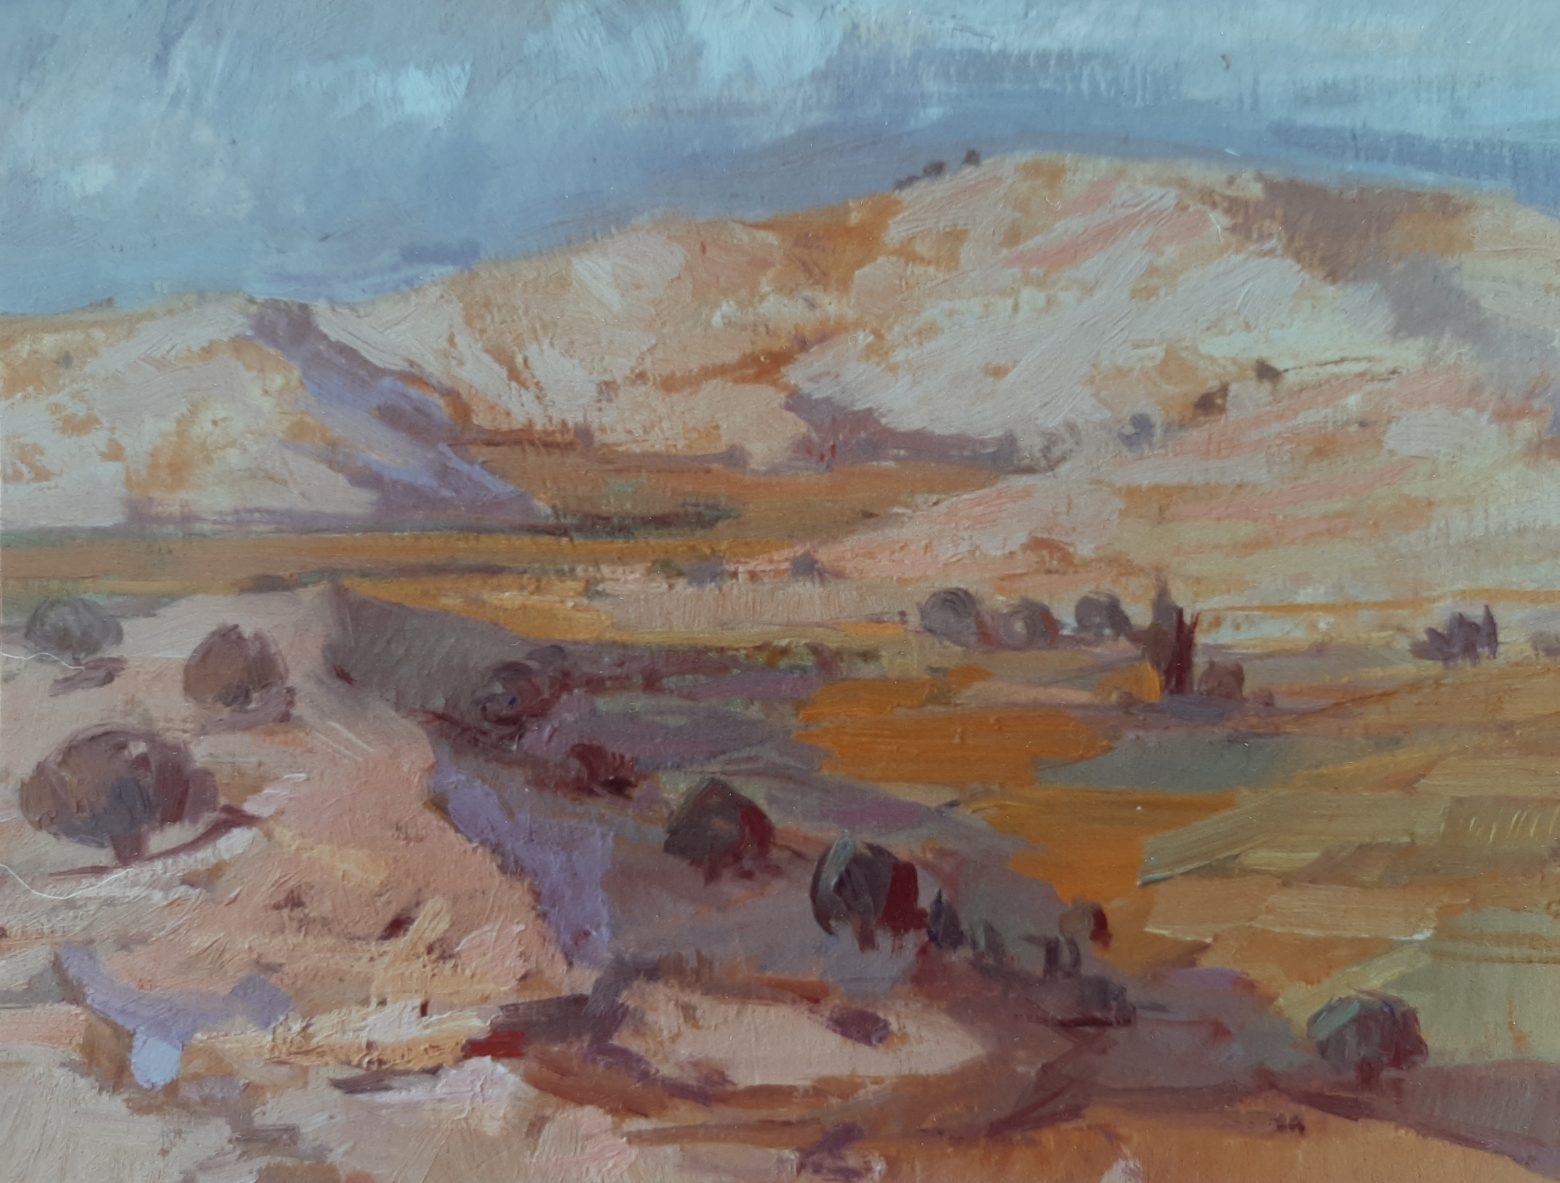 Juan Amo. (1976). Cerros levantinos. Óleo - Lienzo. Colección Privada.